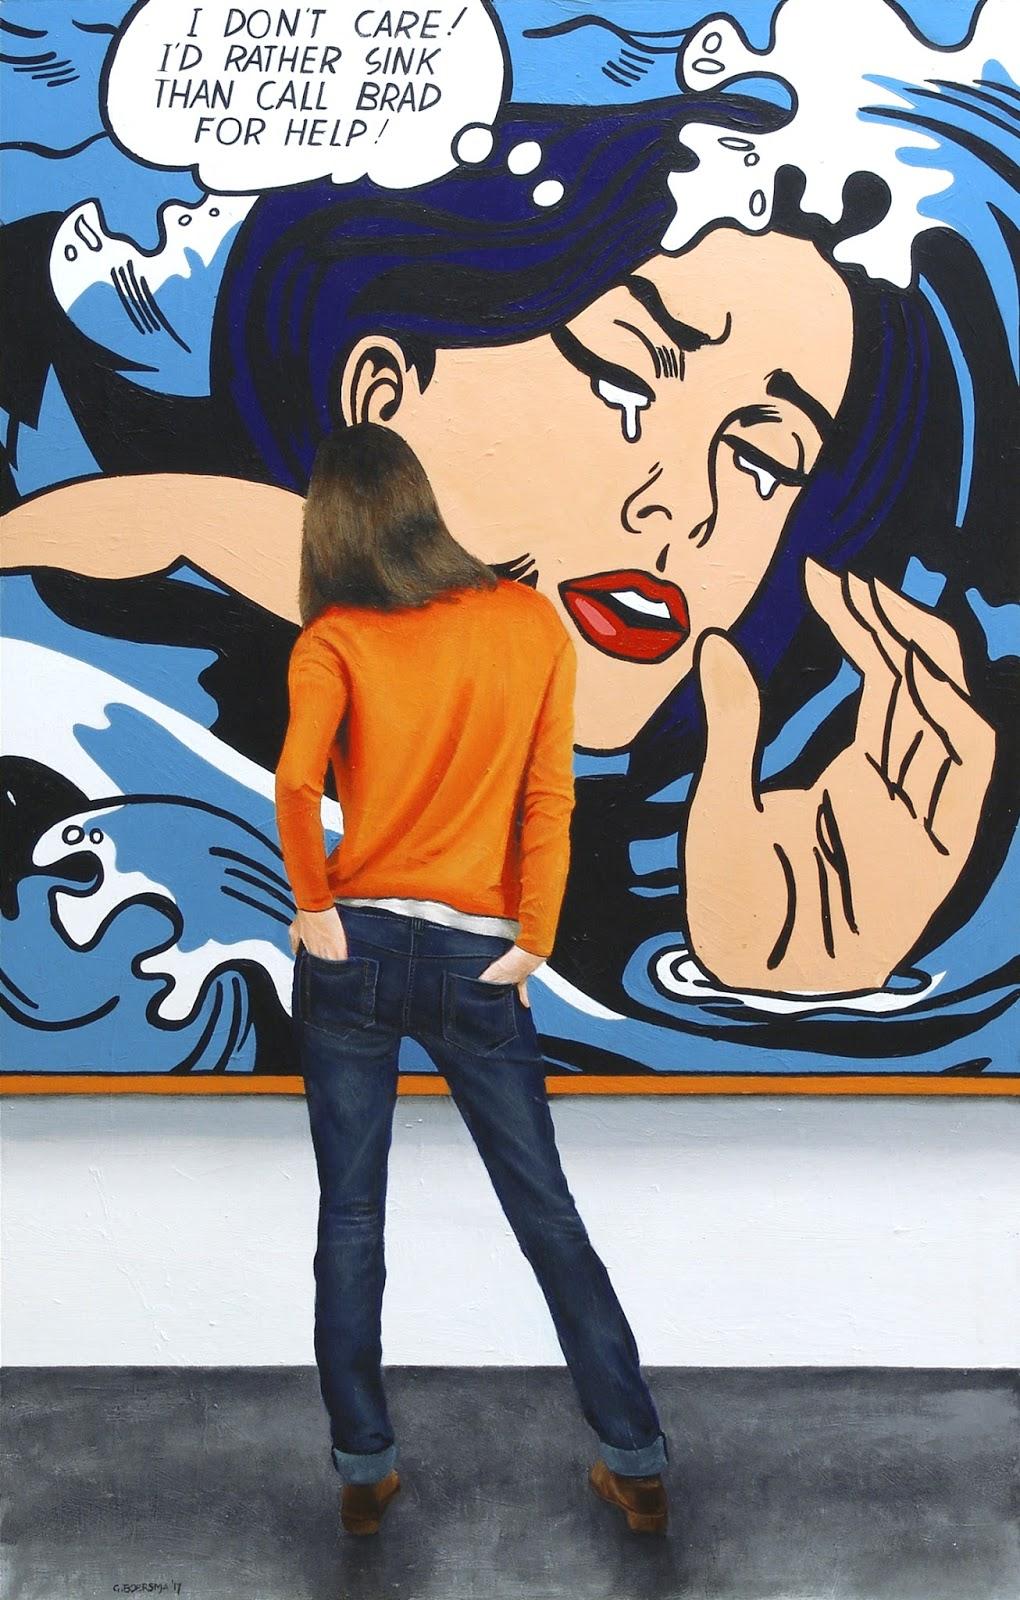 Roy Lichtenstein Artwork - Hopeless, Drowning Girl, In